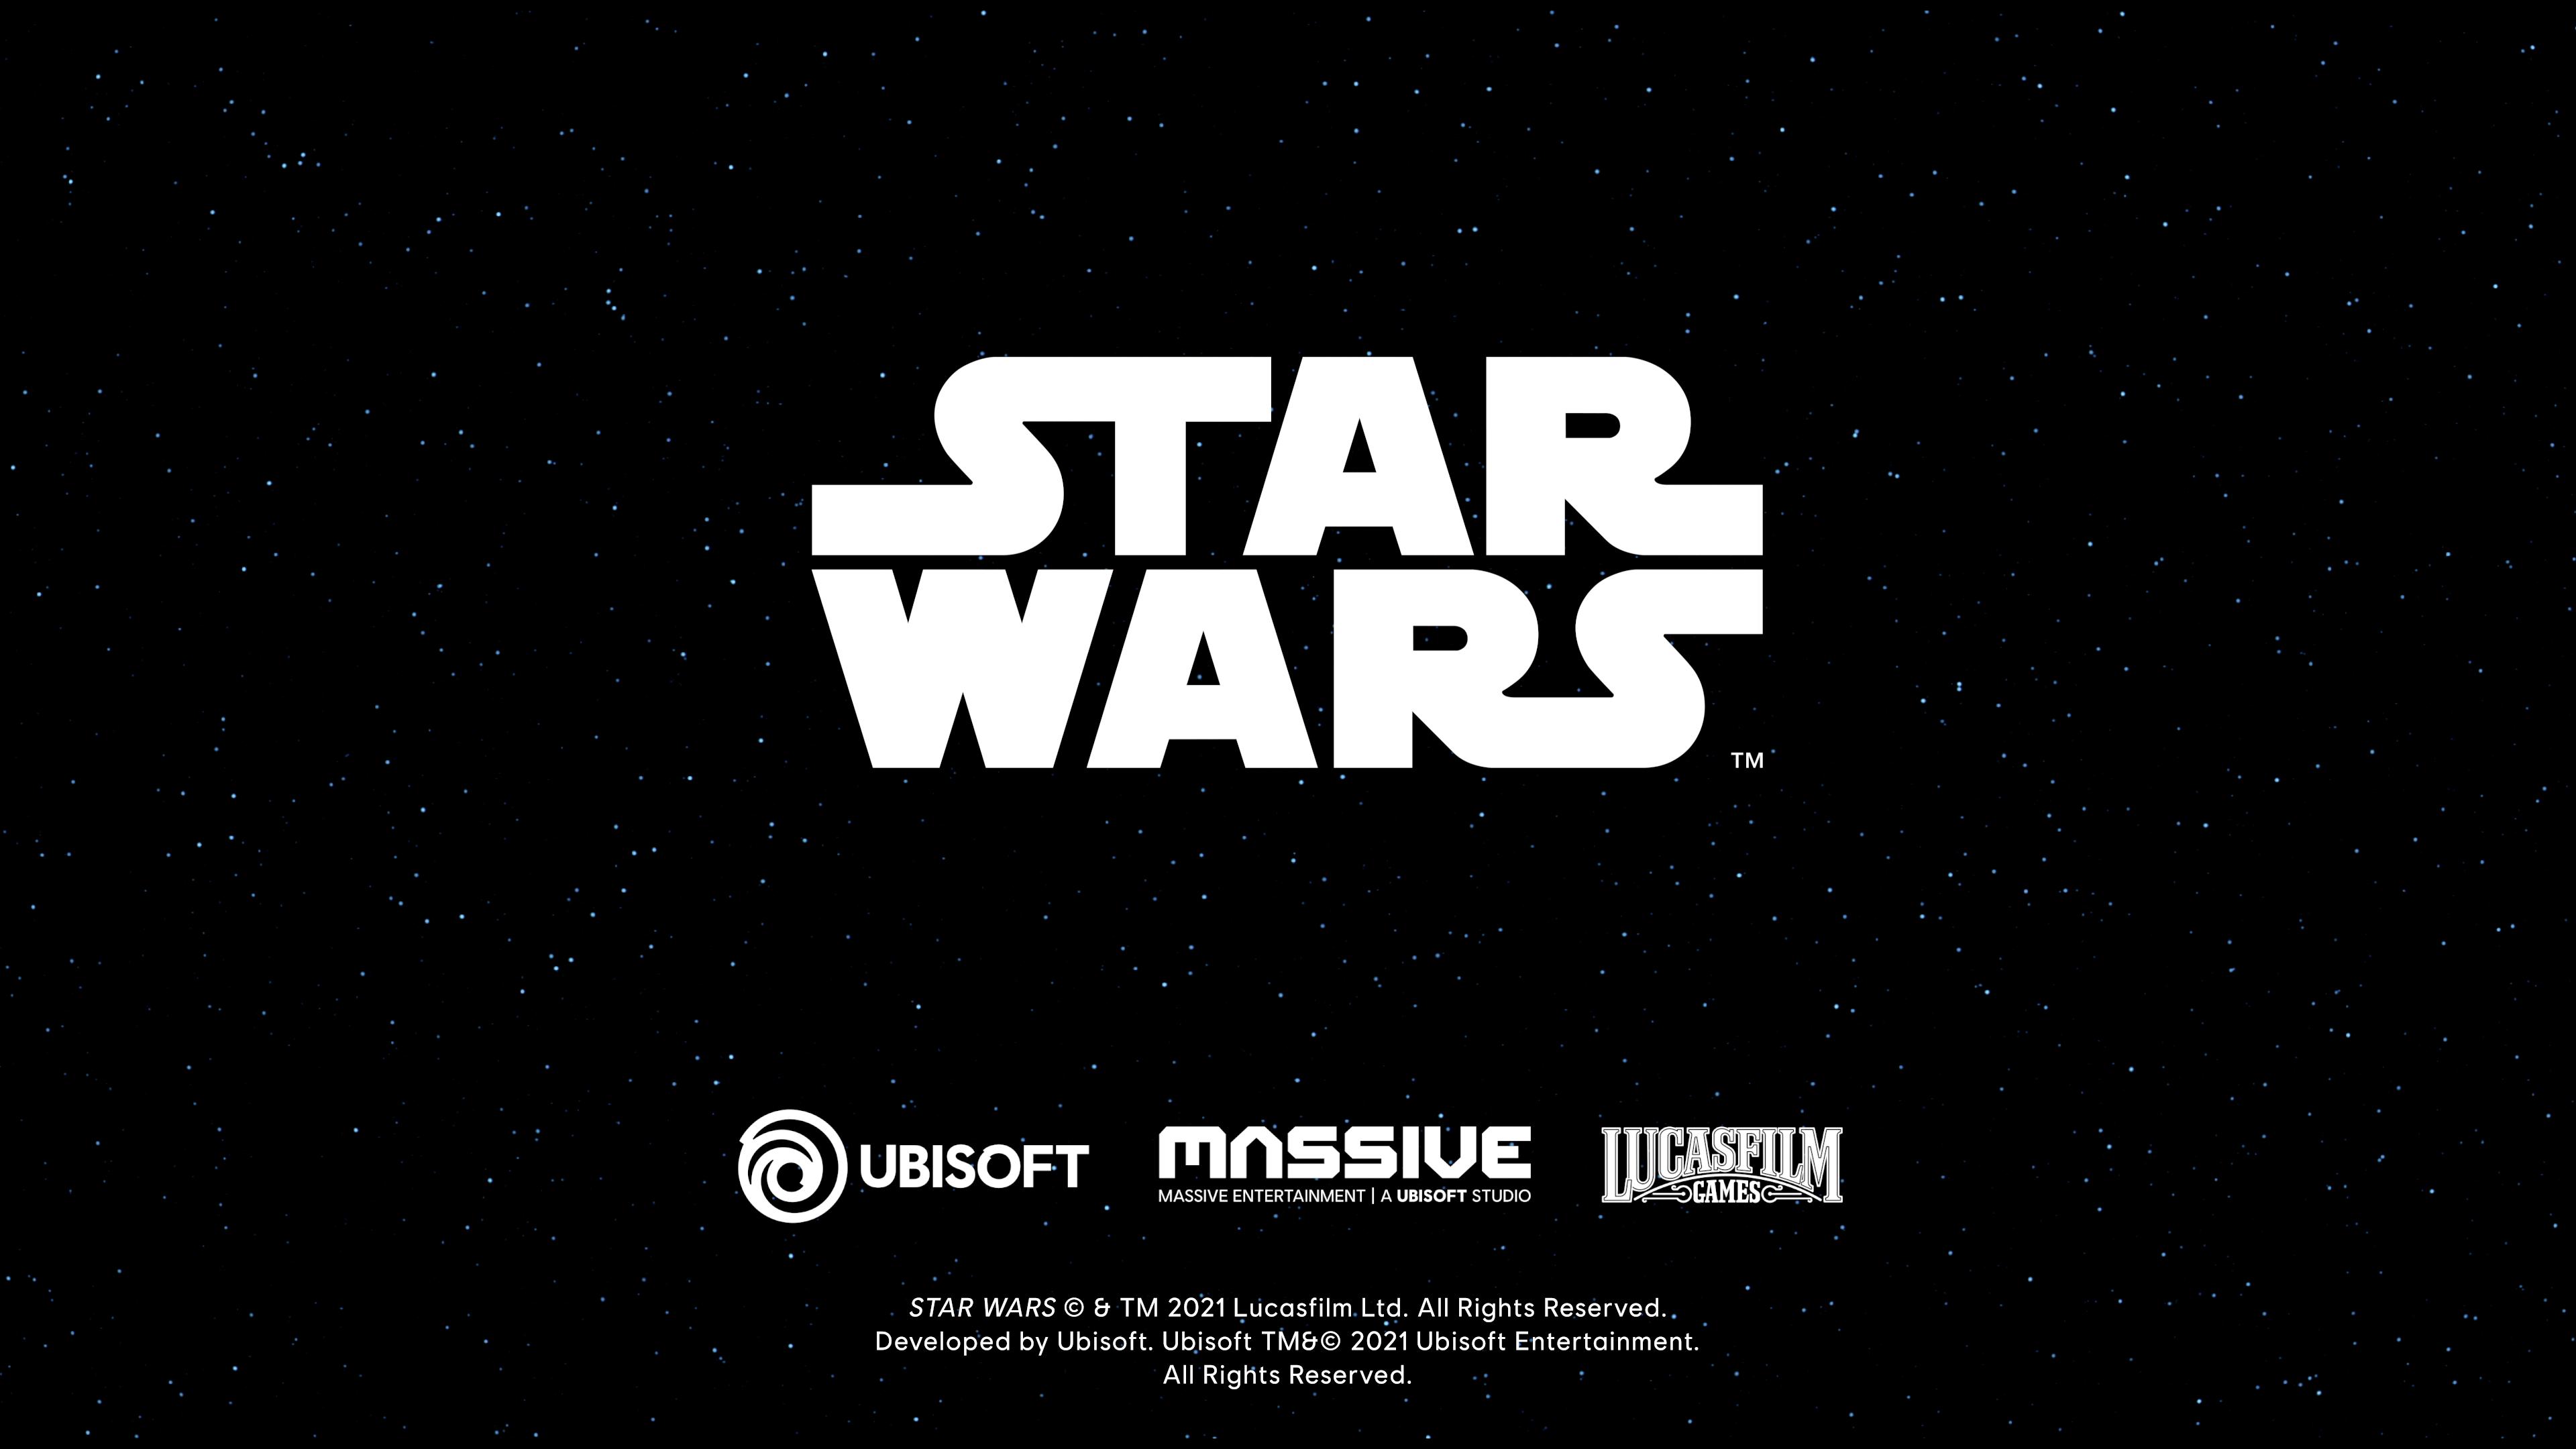 Ubisoft - Star Wars